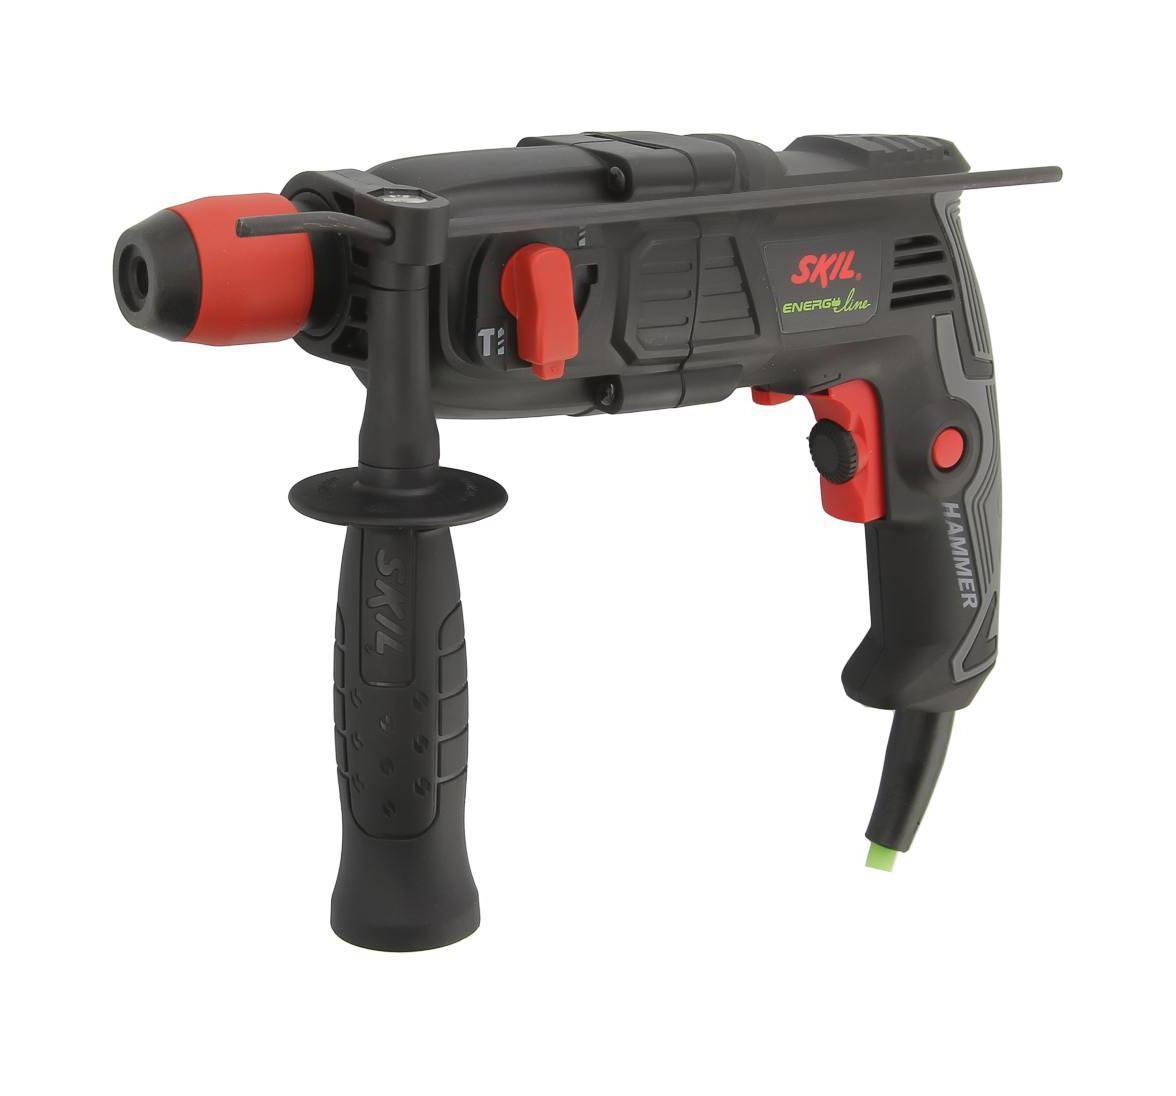 Перфоратор Skil 1734LA1734 LAДомашний помощник Производитель ручного инструмента Skil создал модель 1734 LA для использования как в быту, так и на производстве. Перфоратор предназначен для создания отверстий в металле, в дереве и других твердых материалах. В режиме «сверление с ударом» инструмент способен продолбить отверстие в бетоне, кирпиче, керамике. А если переключиться в режим «завинчивание» инструмент превращается в обычный шуруповерт, которым можно вкручивать саморезы. Отличная производительность При относительно не сложных видах работ, а также при эксплуатации инструмента на высоте вам необходим сравнительно легкий и производительный перфоратор. Именно таким является 1734 LA от производителя Skil. Весом 1.6 кг, он снабжен мощным двигателем 400 Вт и длинным сетевым кабелем 1.6 м. Модель имеет функцию удара с энергией 1 Дж, частотой 6600 уд/мин., что делает его отличным «убийцей» бетона и кирпича. Долбить или сверлить Самым...